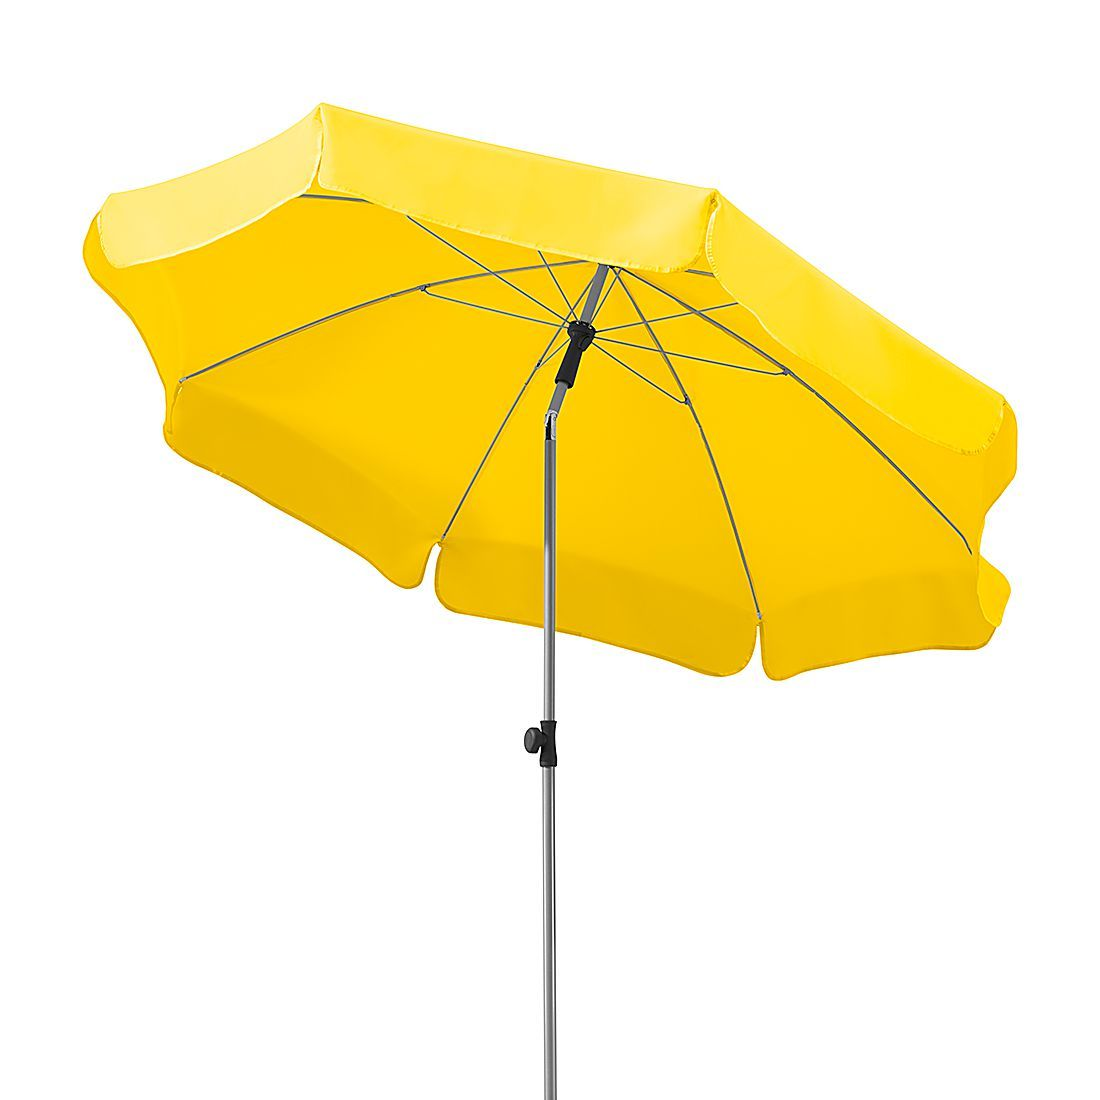 Parasol Micco II - staal/polyester - zilverkeurig/citruskleurig, Schneider Schirme